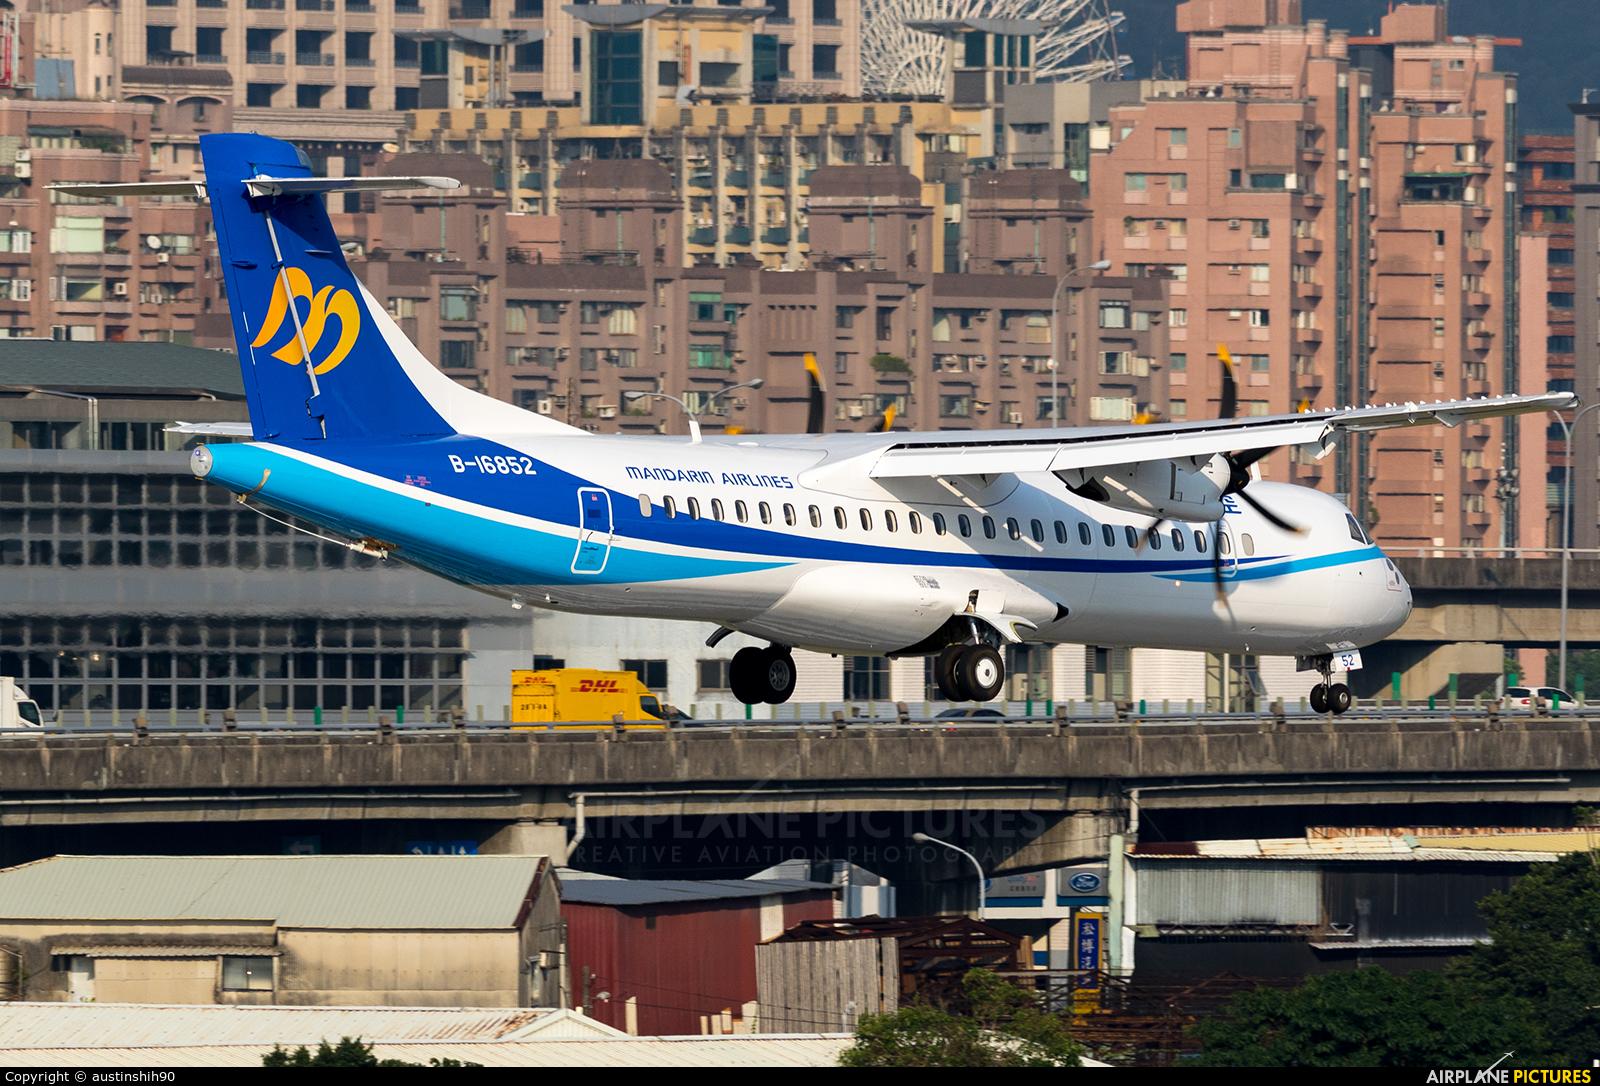 Mandarin Airlines B-16852 aircraft at Taipei Sung Shan/Songshan Airport